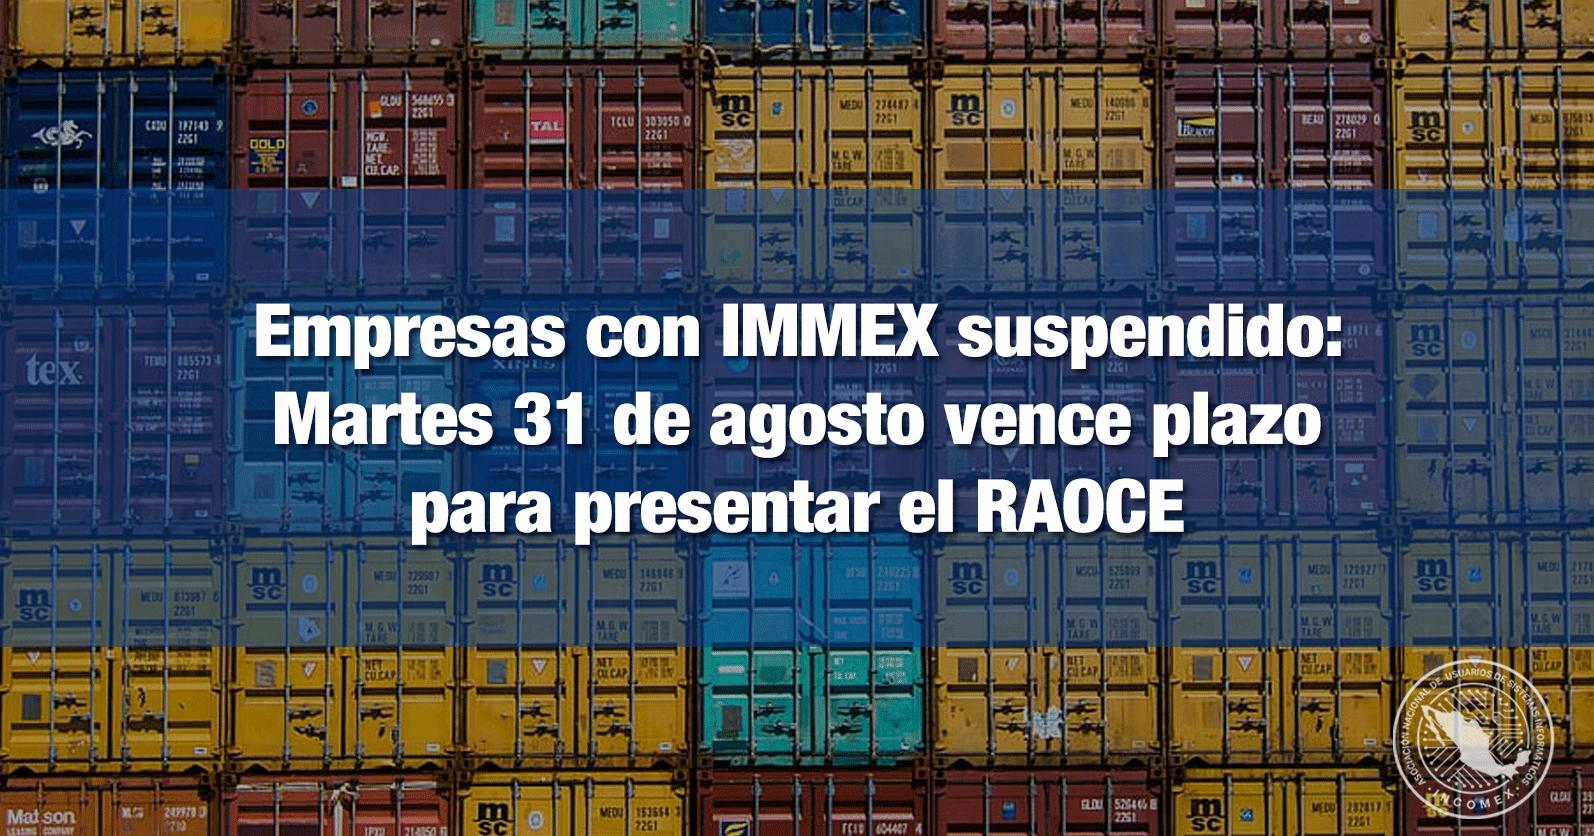 Empresas con IMMEX suspendido: Martes 31 de agosto vence plazo para presentar el RAOCE